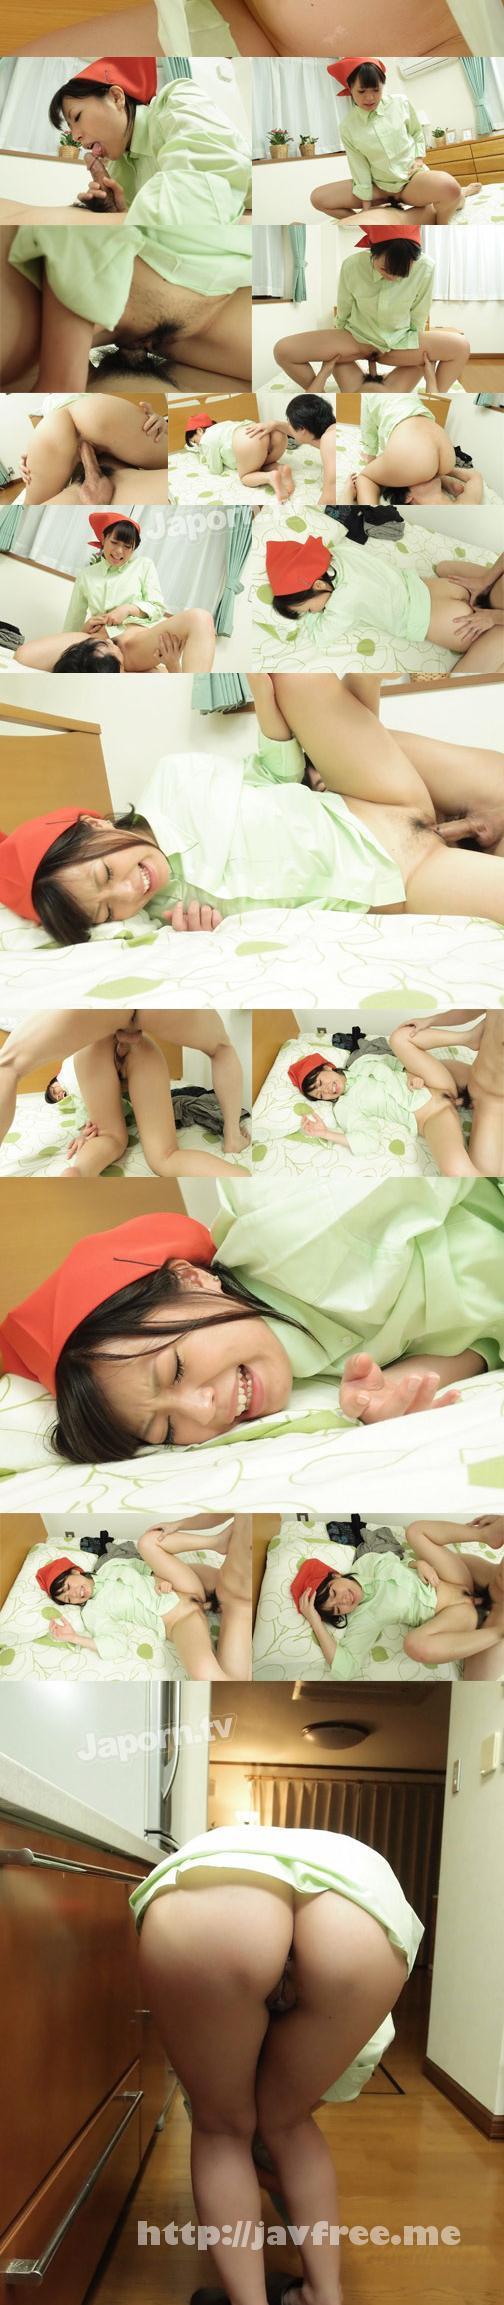 [RHJ 351] レッドホットジャム Vol.351 メガネっ娘アイドルのおねだり : 時田あいみ 時田あいみ RHJ Aimi Tokita